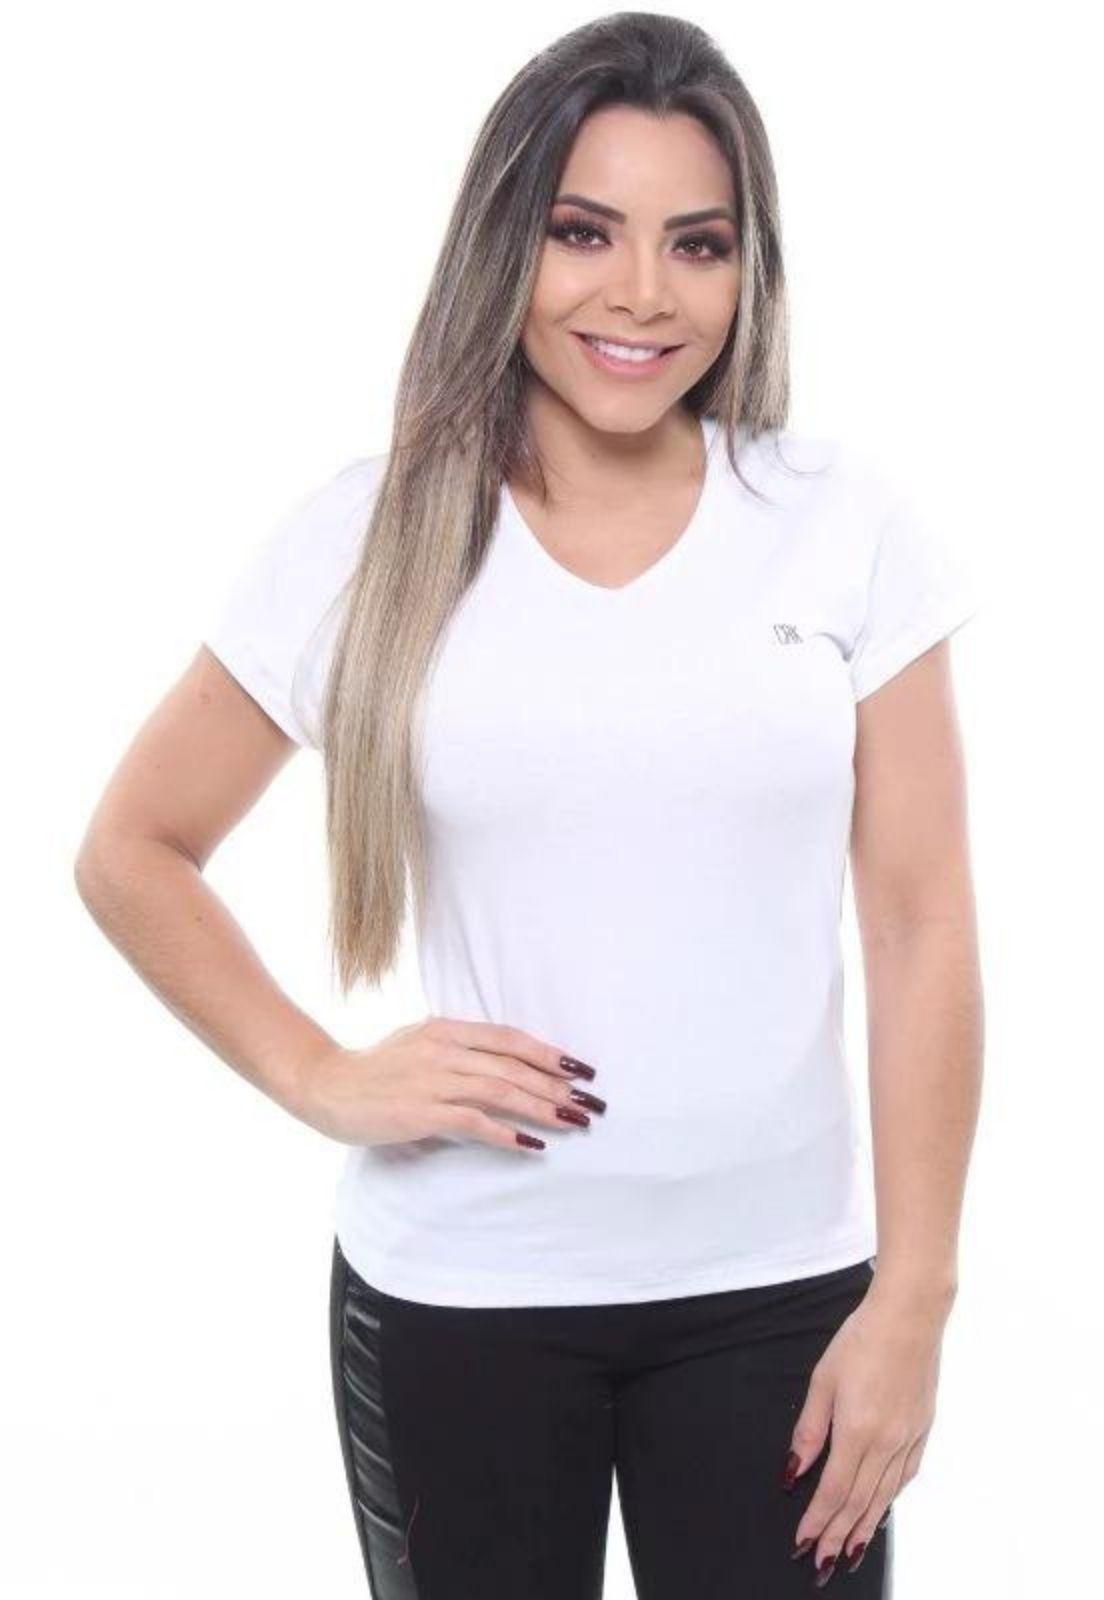 Baby Look Básica Feminina Crocker - 47721  - CROCKER JEANS